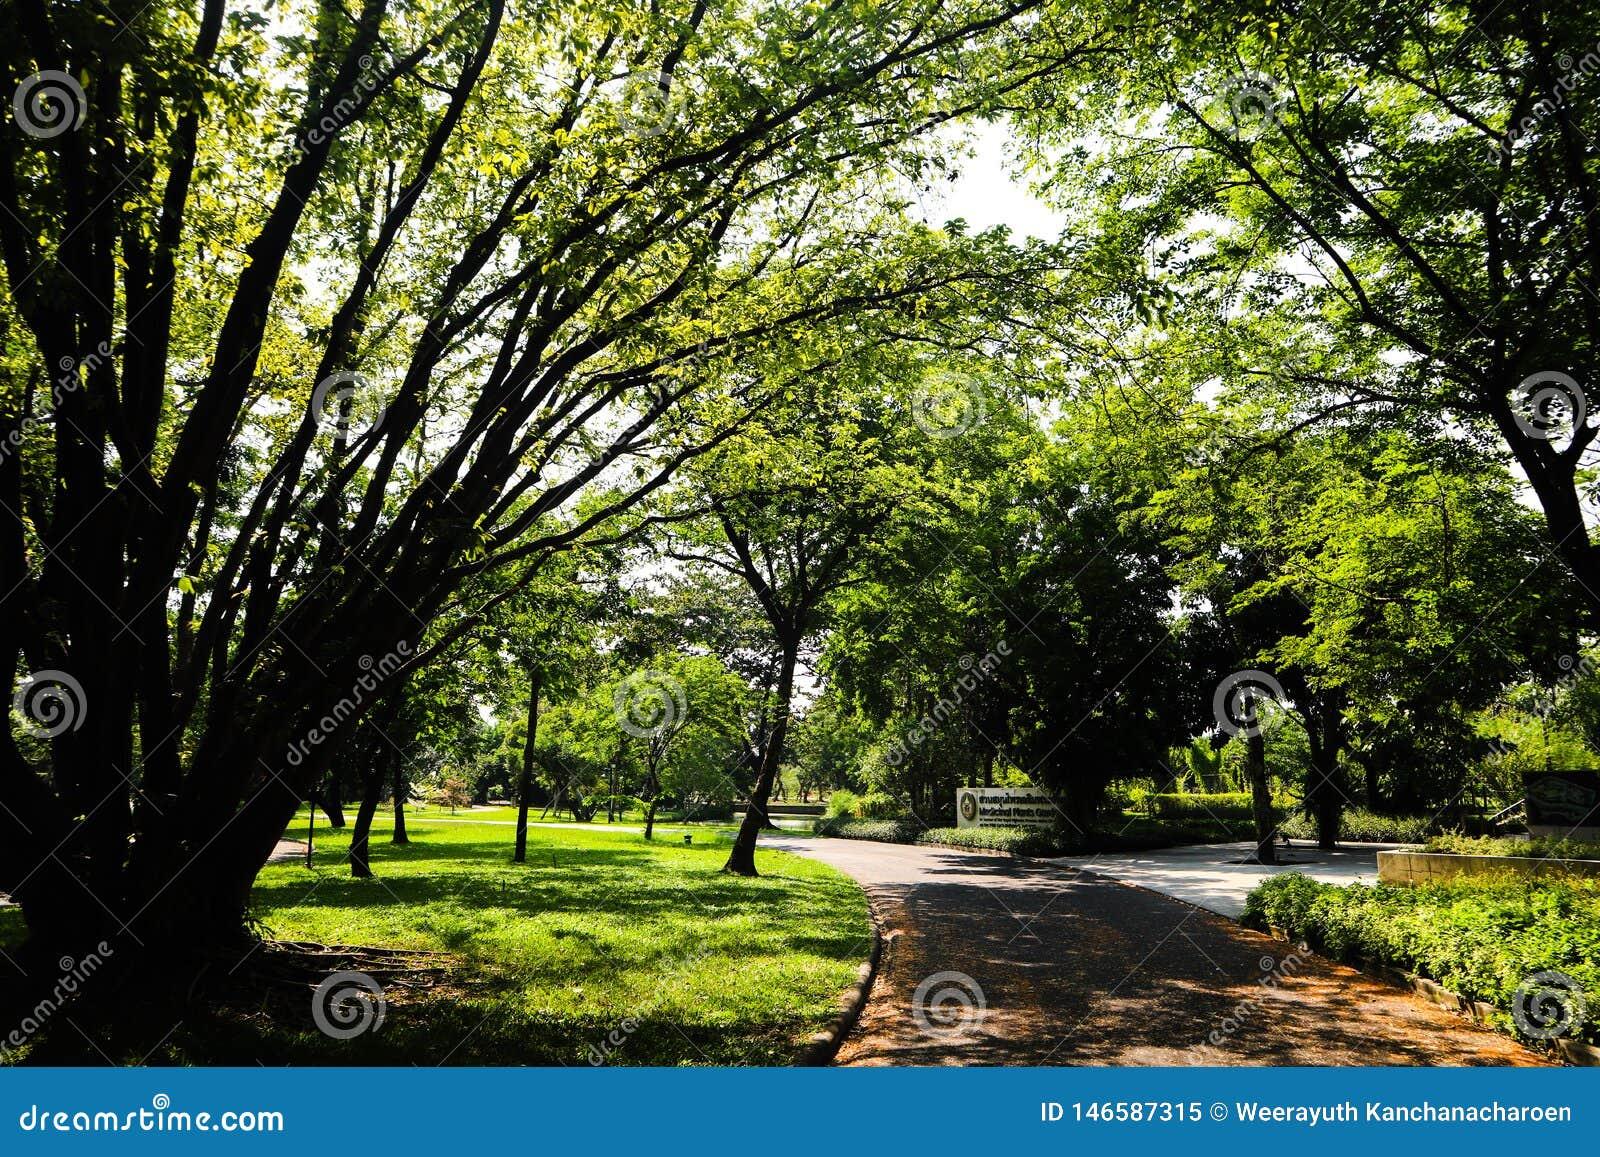 Όμορφα πράσινα δέντρο, εγκαταστάσεις, δάσος και λουλούδια στους υπαίθριους κήπους και τα πάρκα